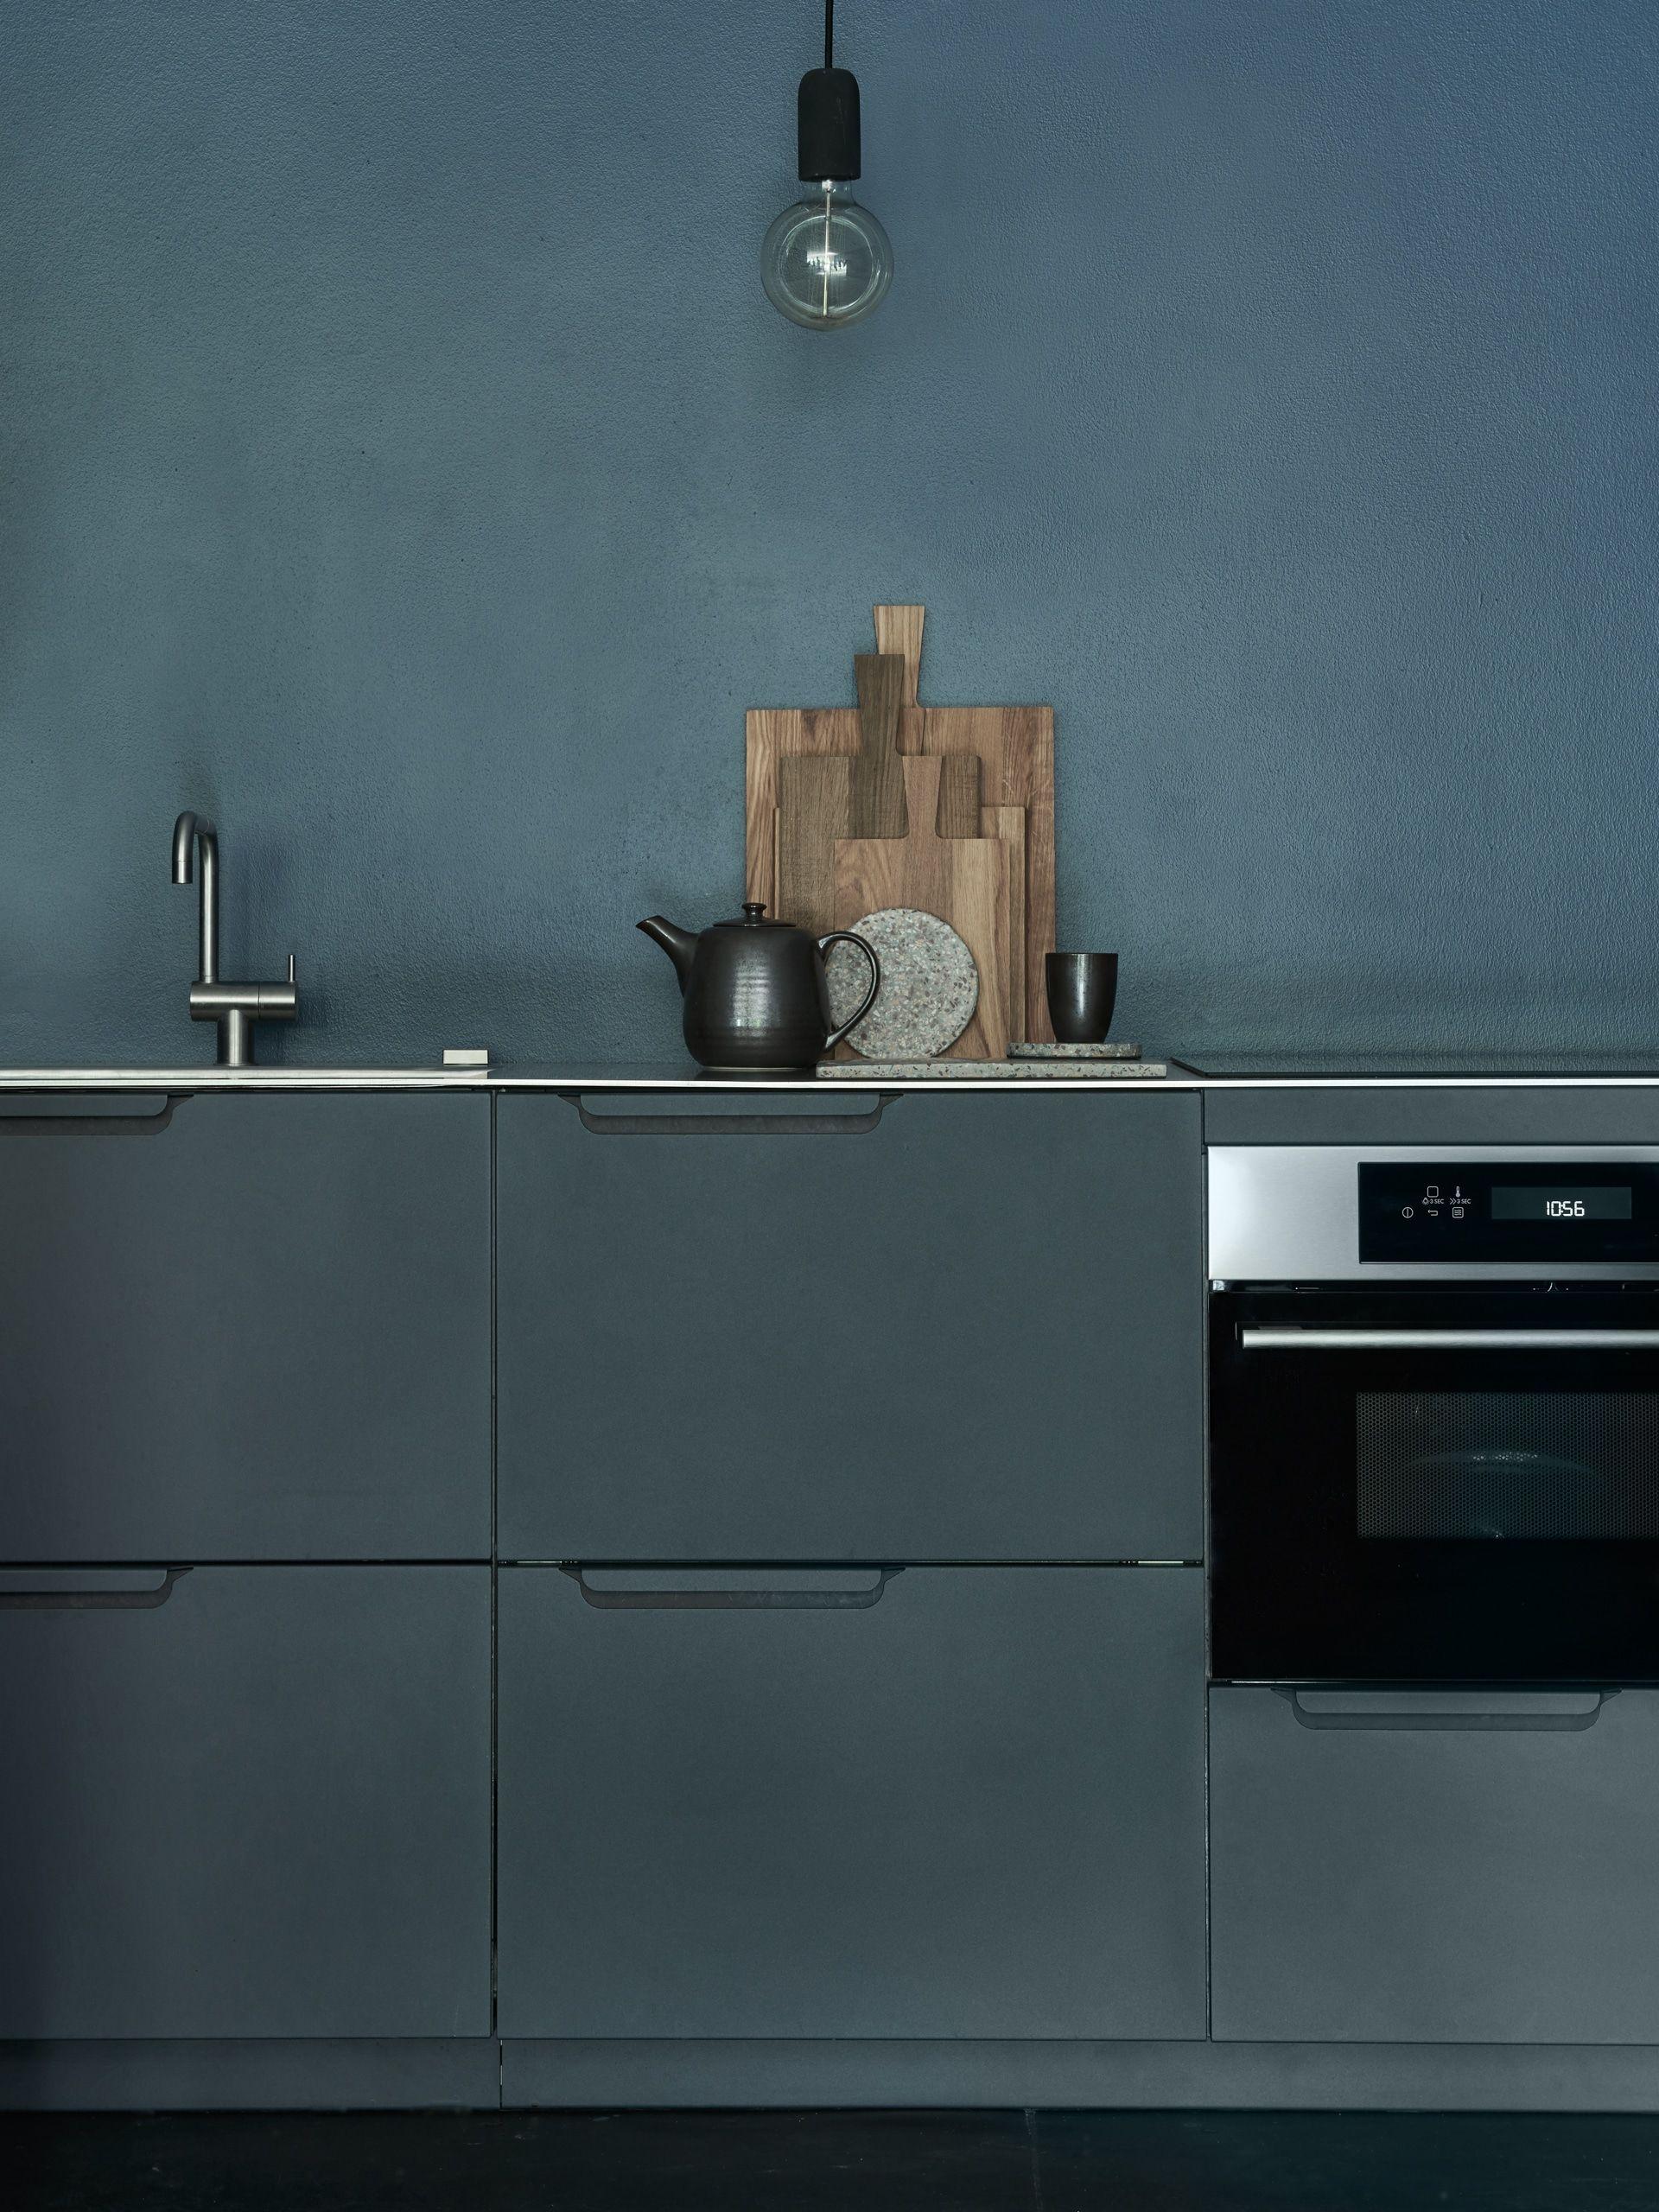 Schön Ikea Kücheninsel Basis Bilder - Küchenschrank Ideen ...